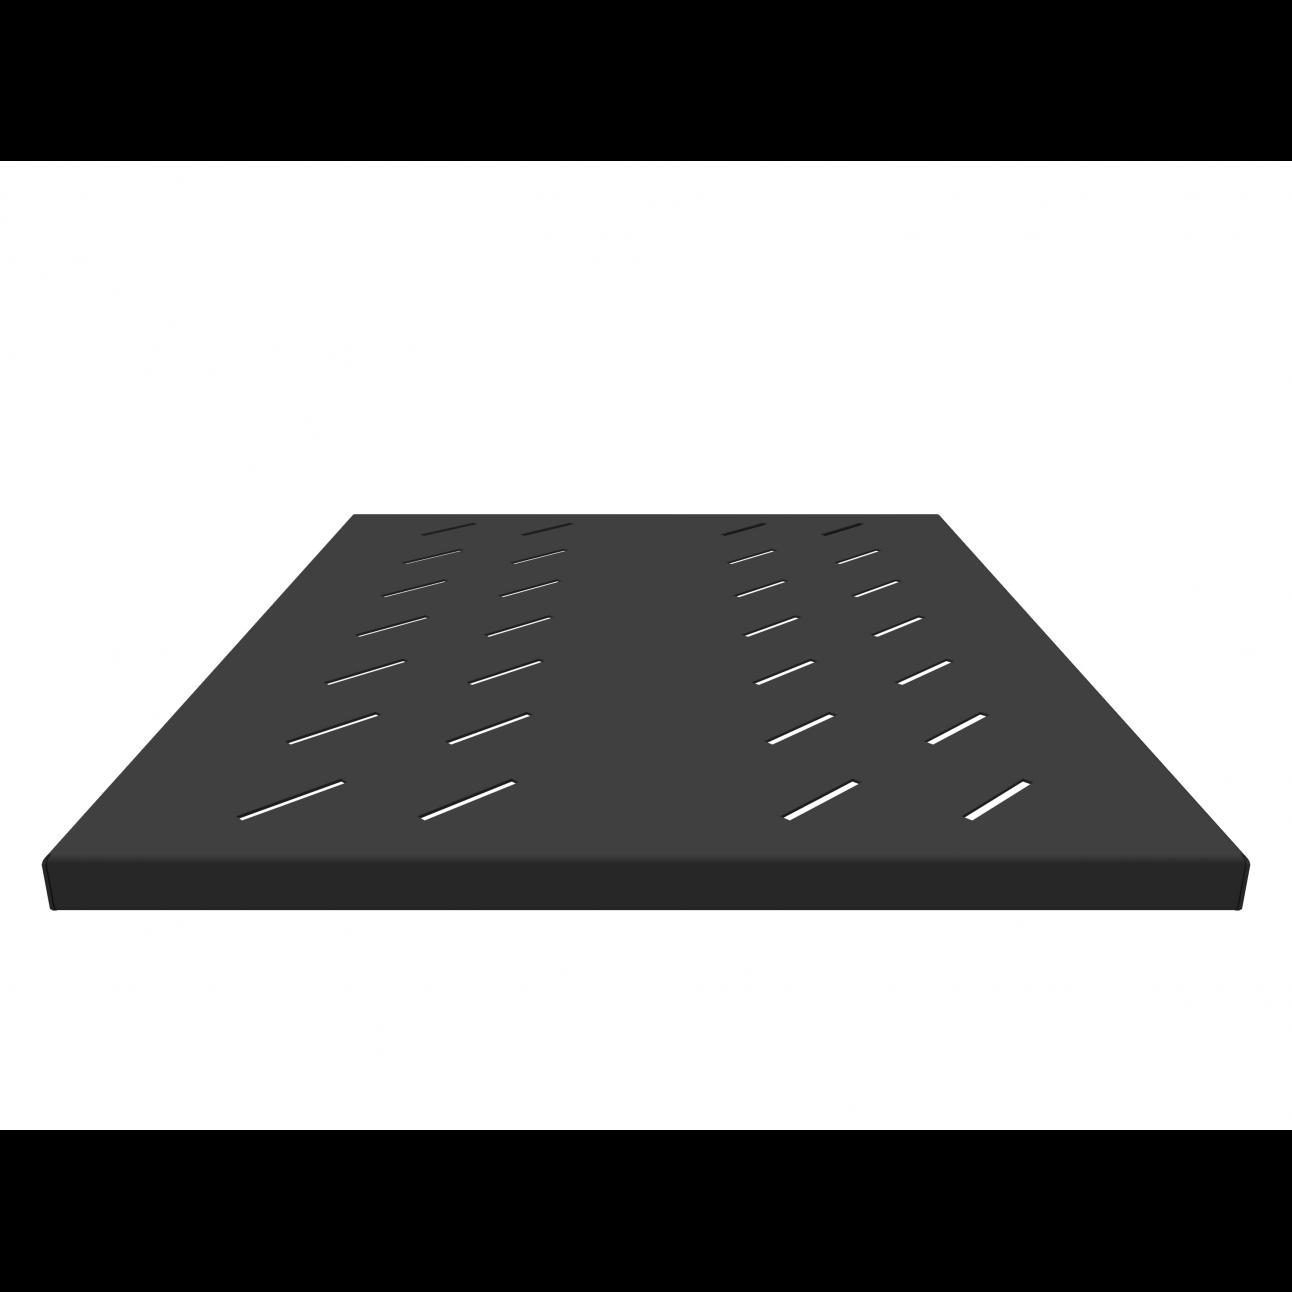 Полка стационарная усиленная для шкафов глубиной 800мм, (глубина полки 550мм) распределенная нагрузка 120кг, цвет-черный (SNR-SHELF-08055-120B)